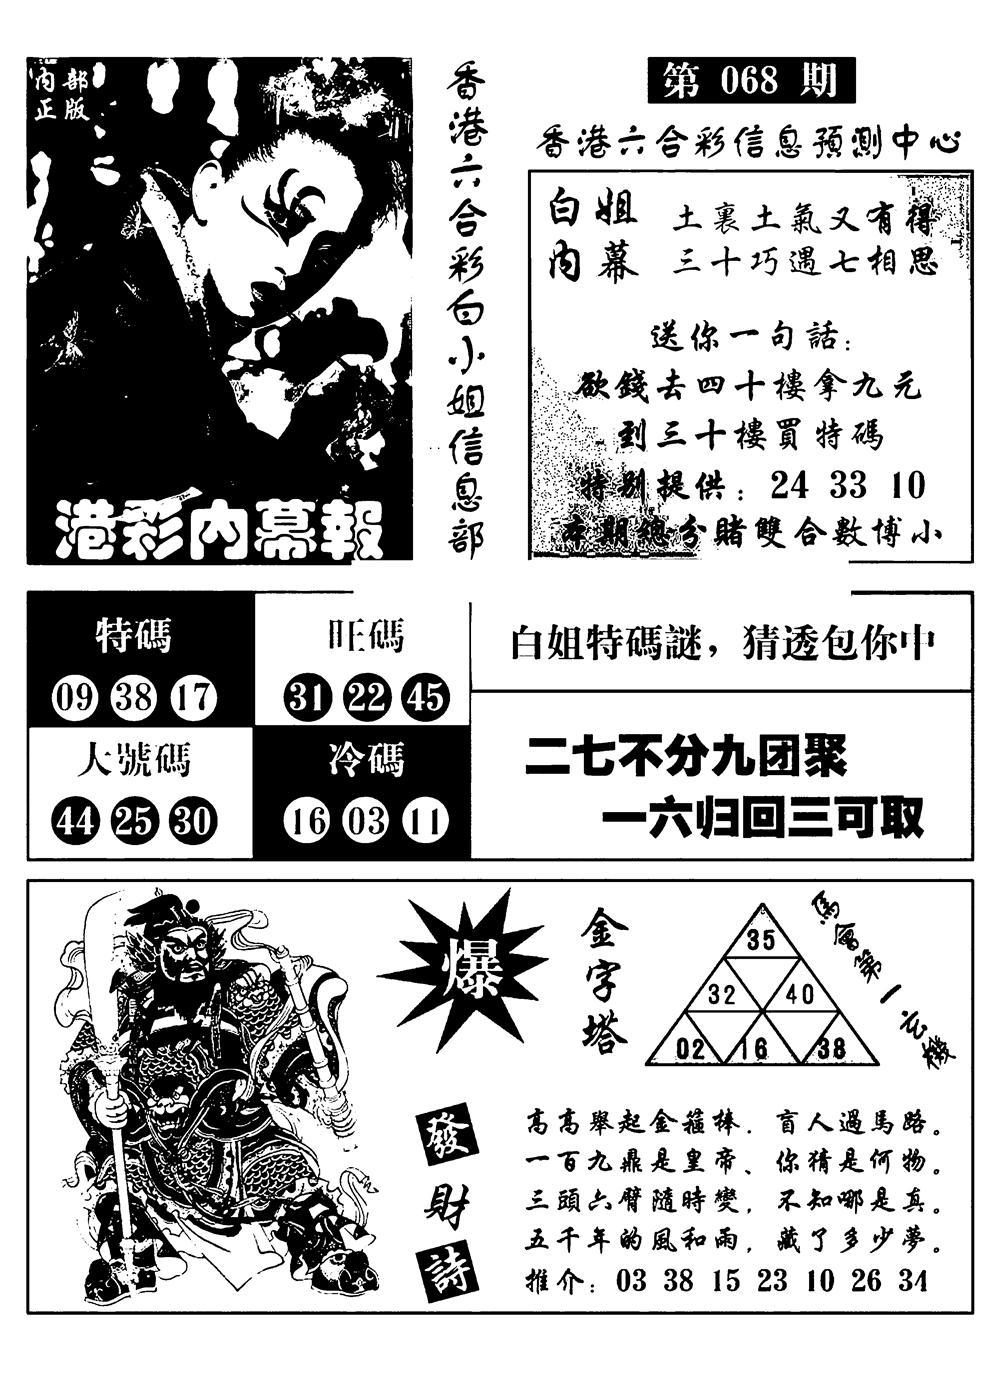 068期港彩内幕报(黑白)